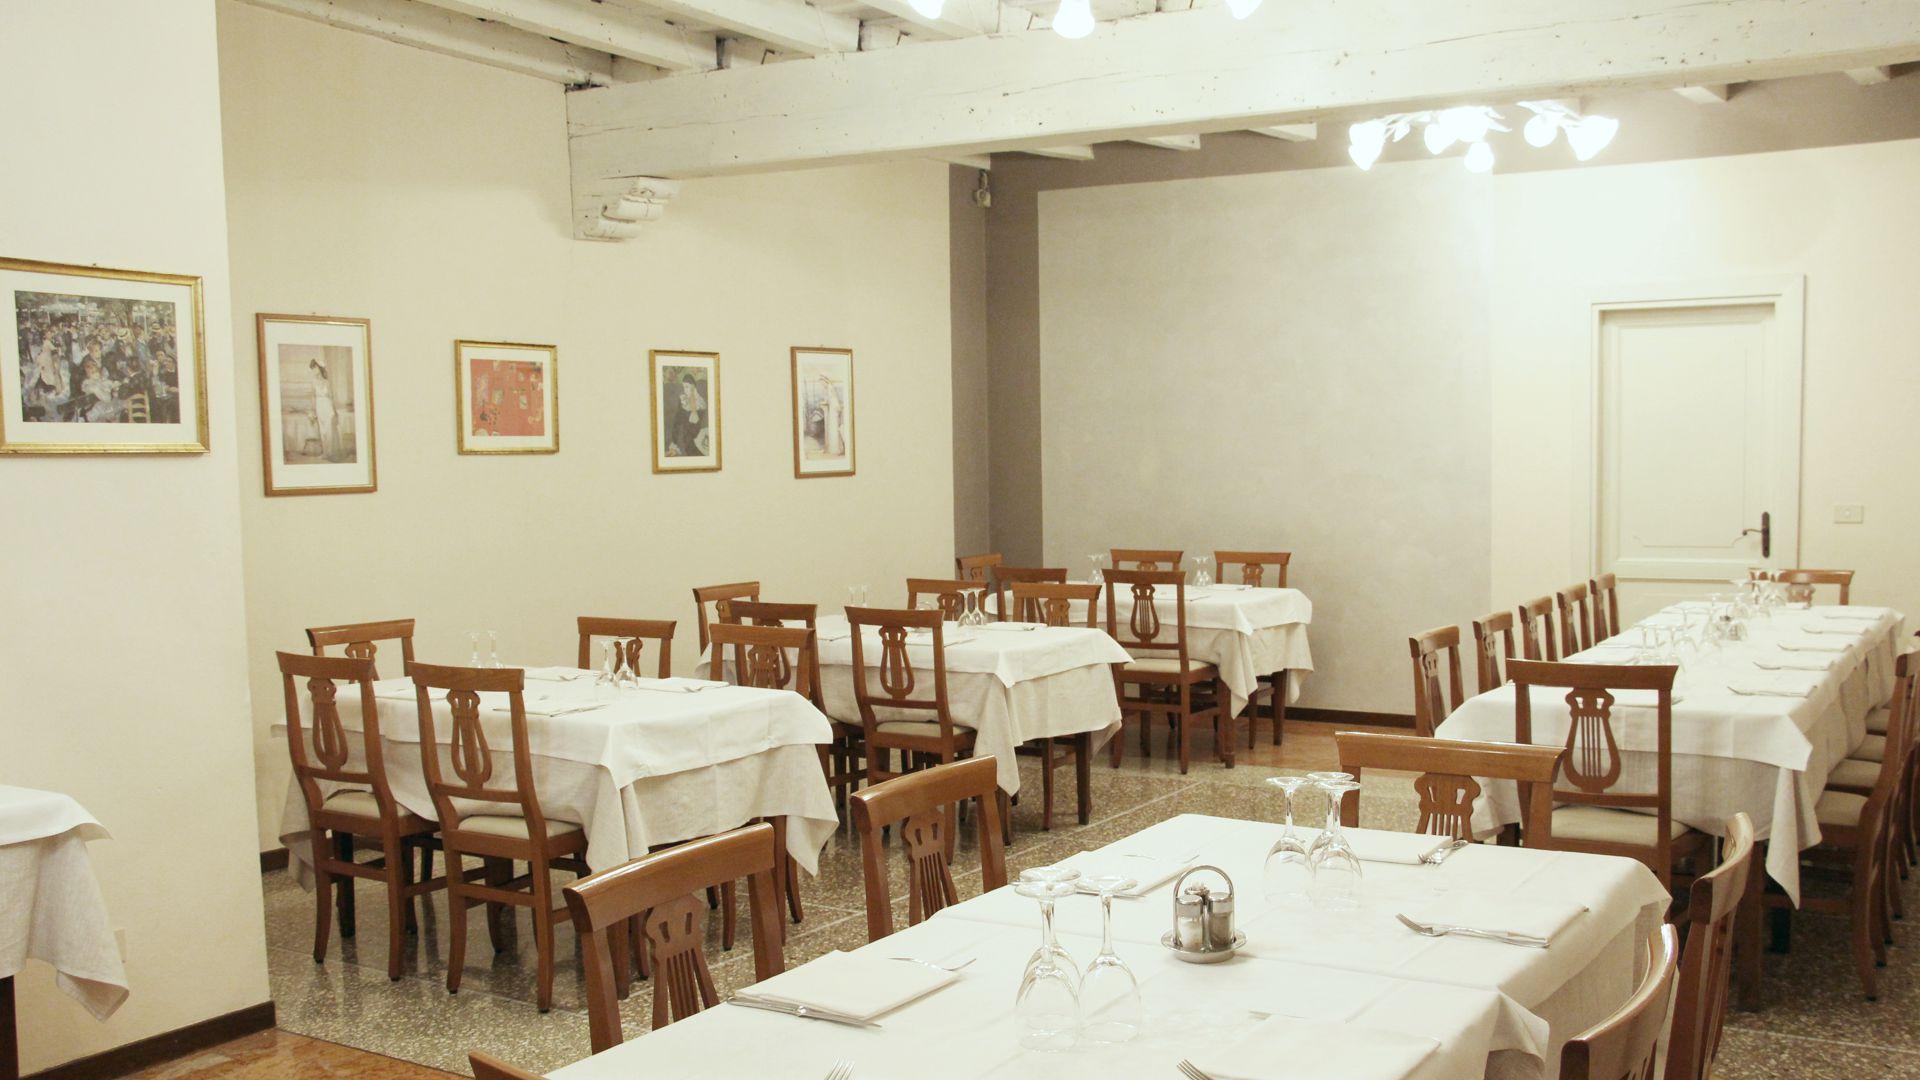 Saletta per Ricevimenti - Ristorante Pizzeria Quattro Camini - Poncarale